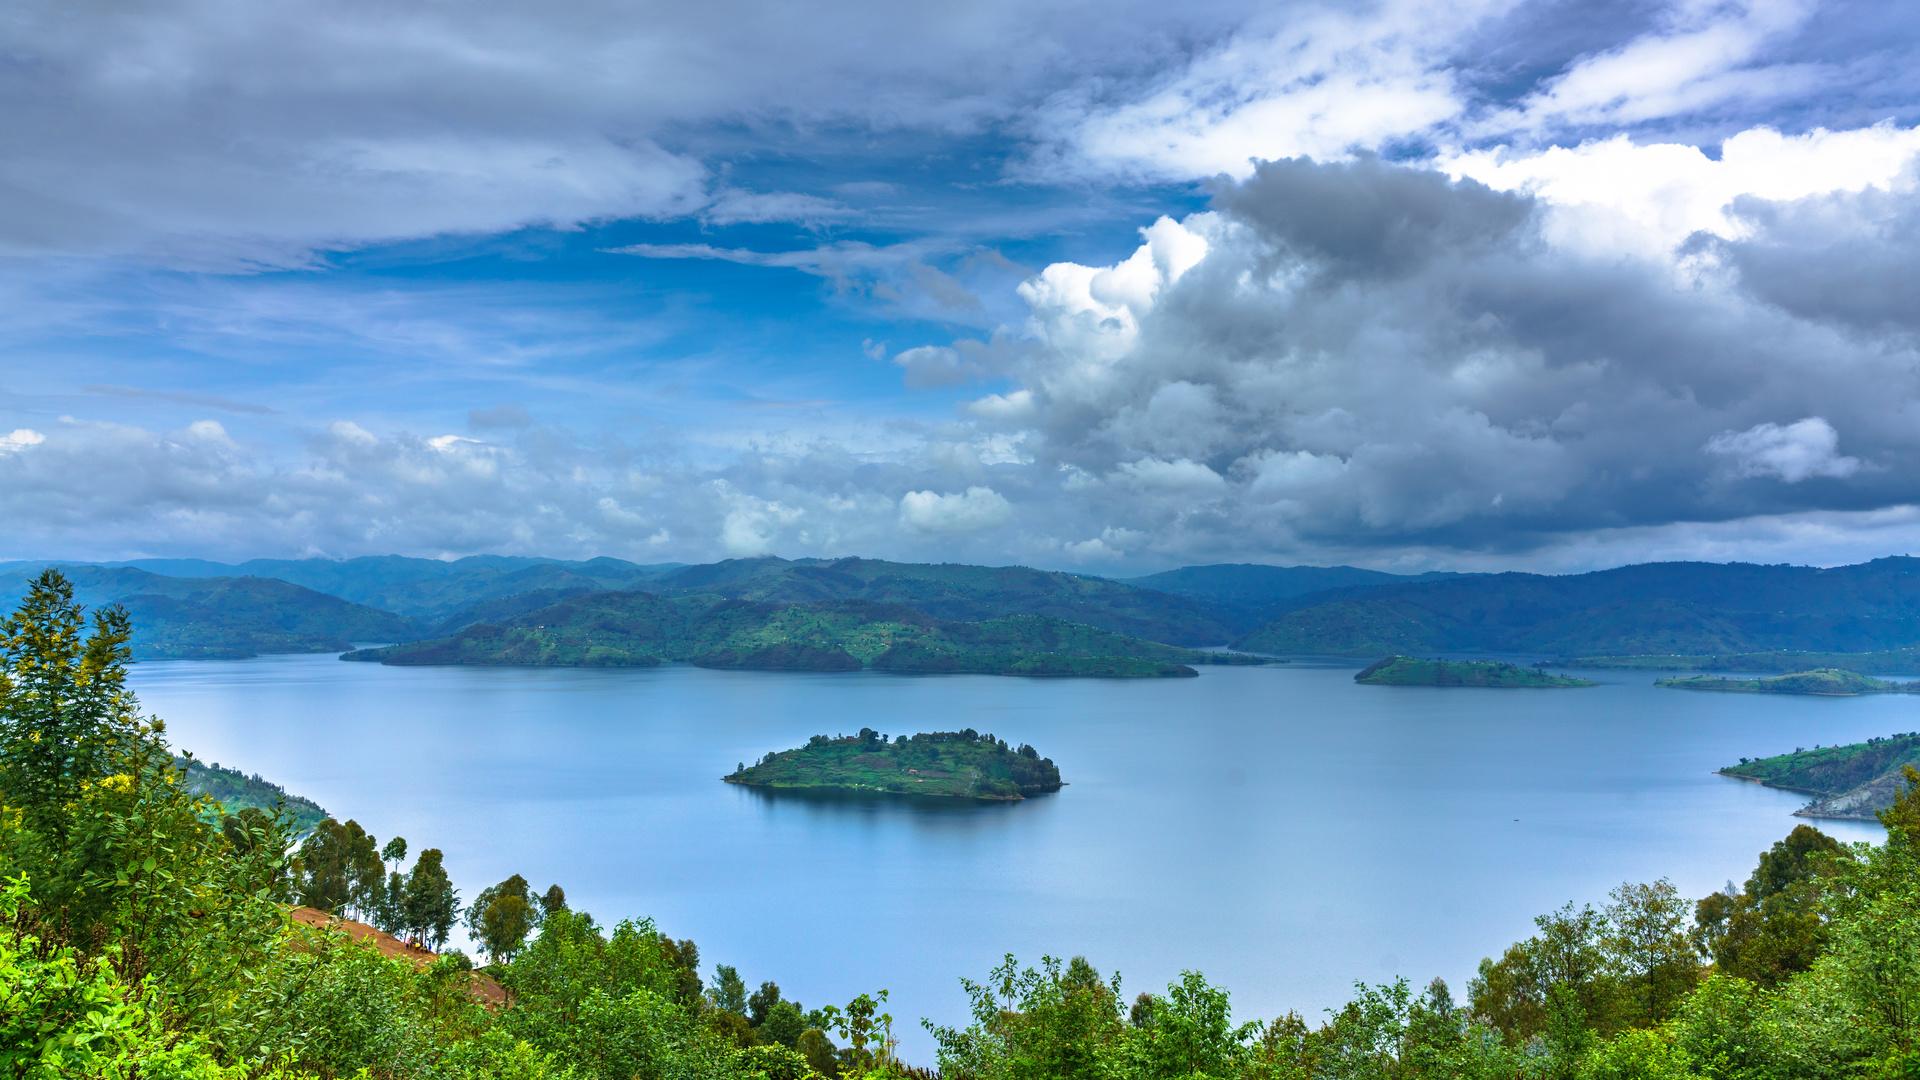 африка озеро остров, небо, rwanda, lake burera, ruhengeri, mudimba island, облака, деревья, природа, африка ,озеро, остров